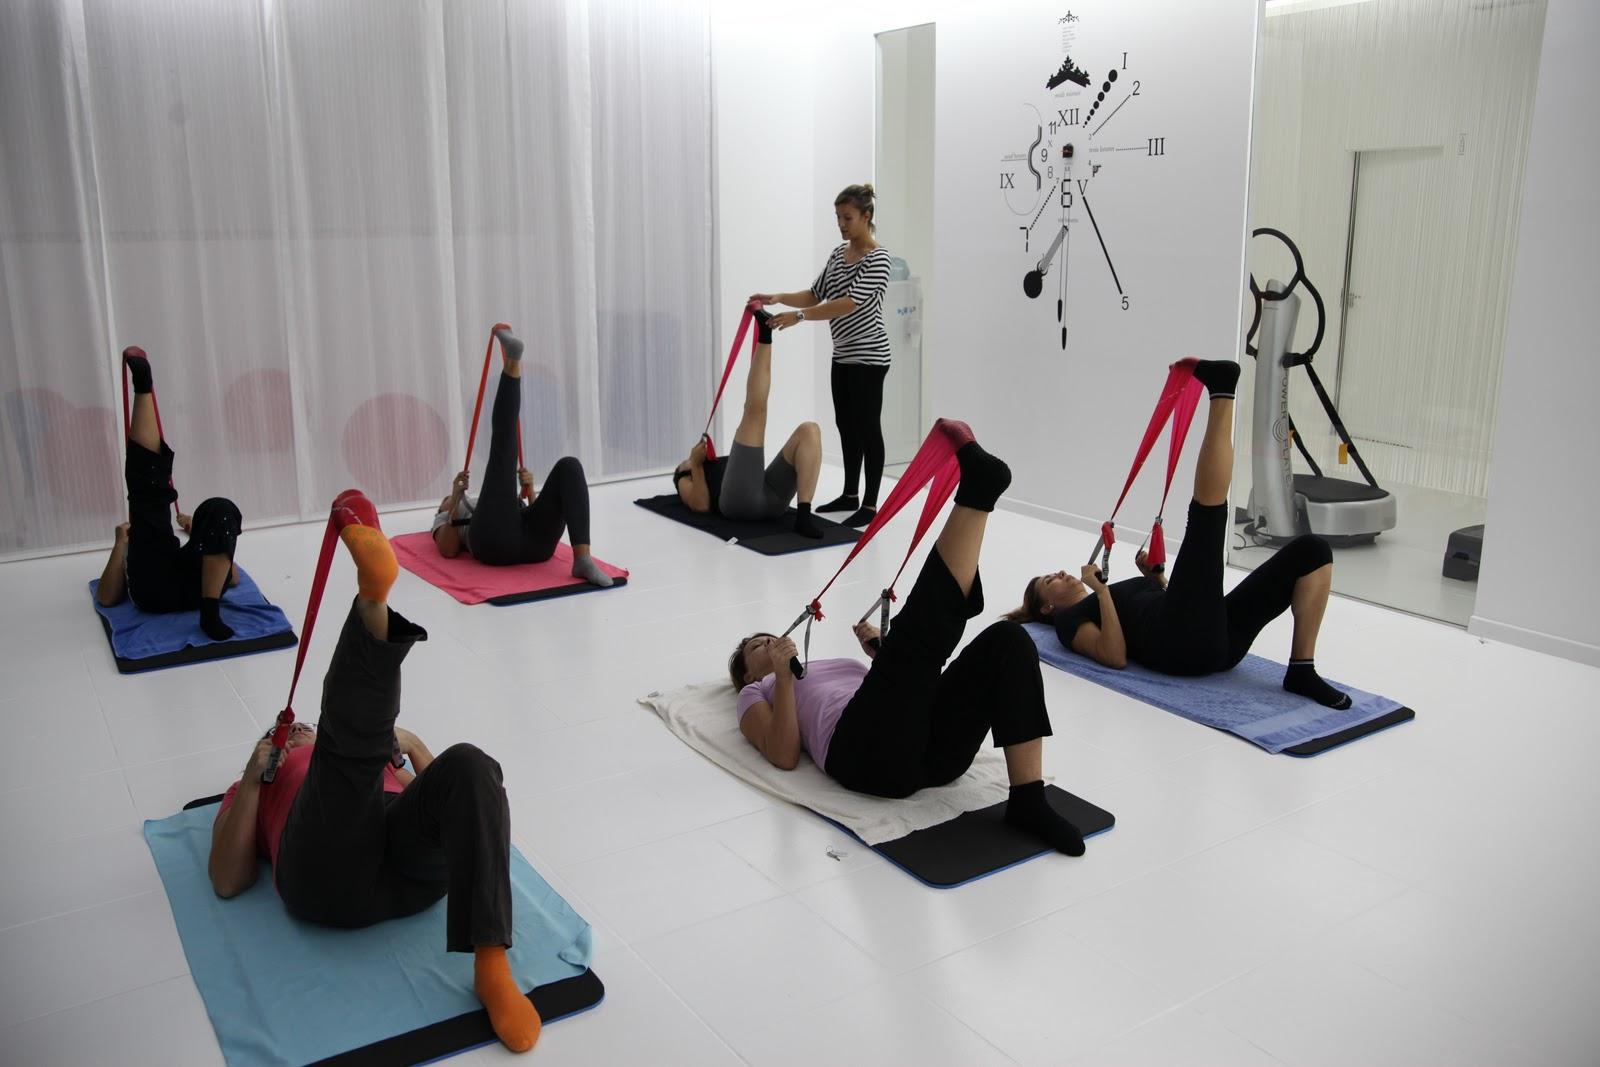 ZERO Pilates